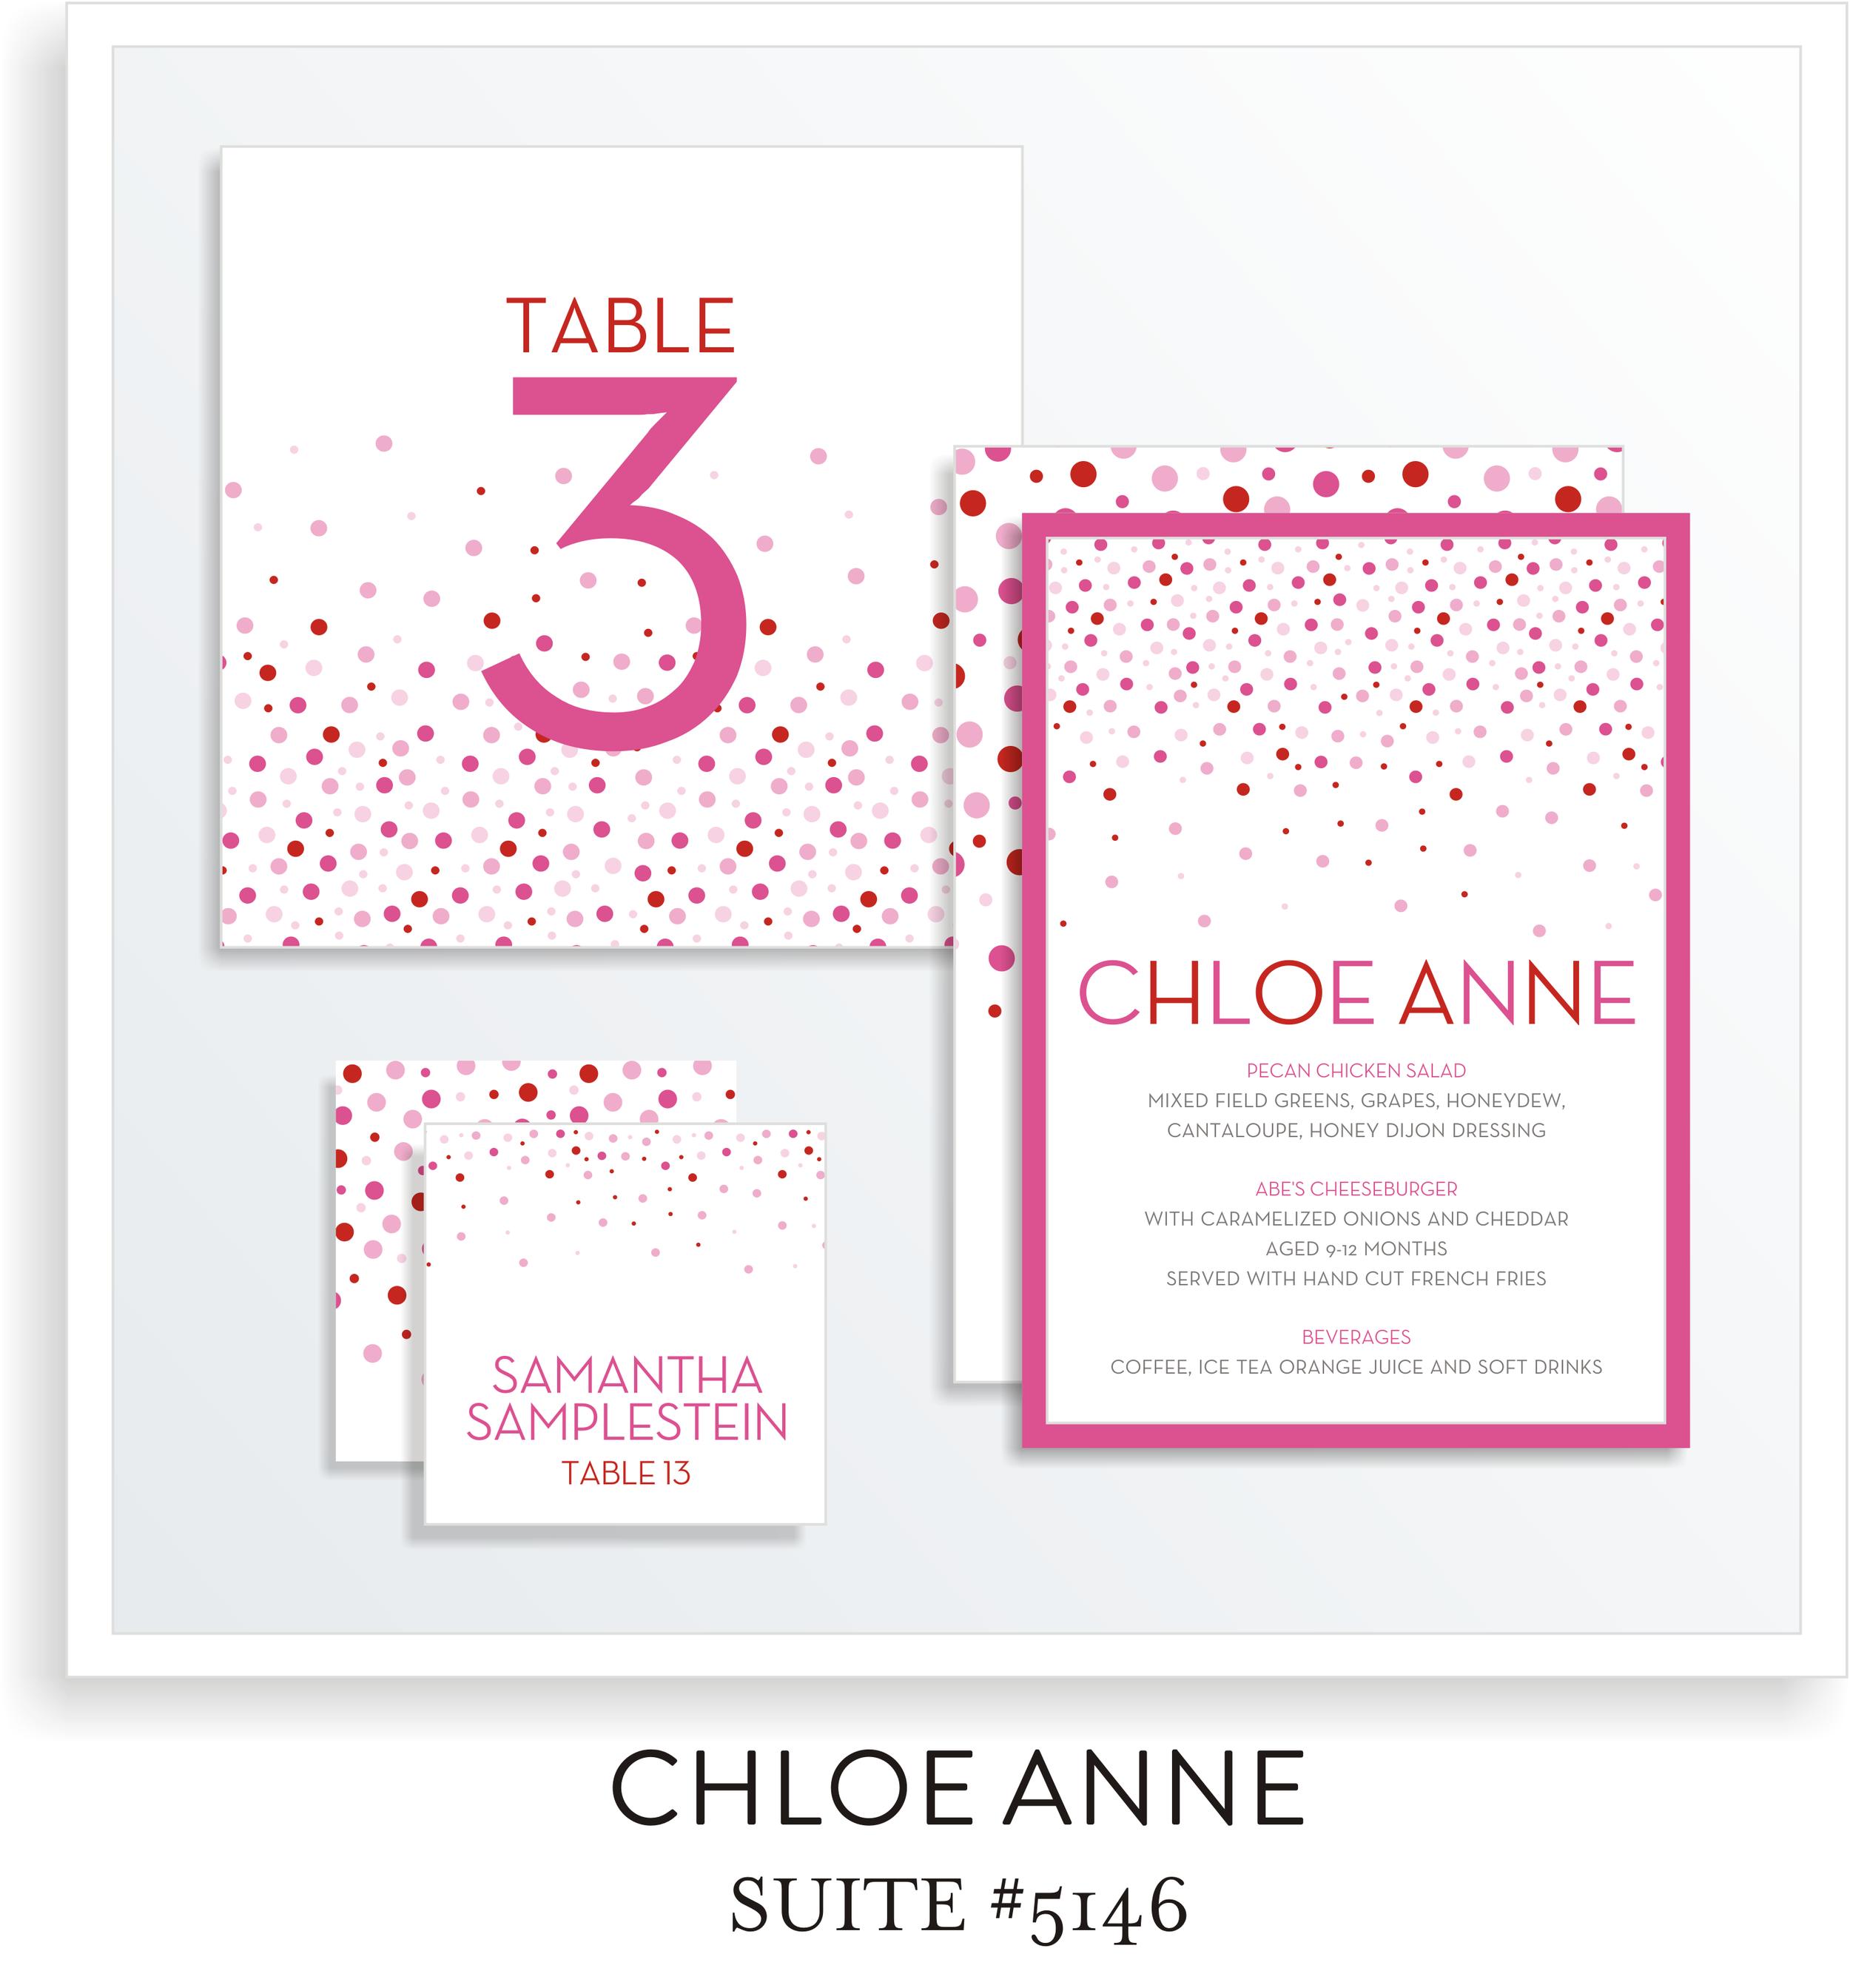 Table Top Decor Bat Mitzvah Suite 5146 - Chloe Anne